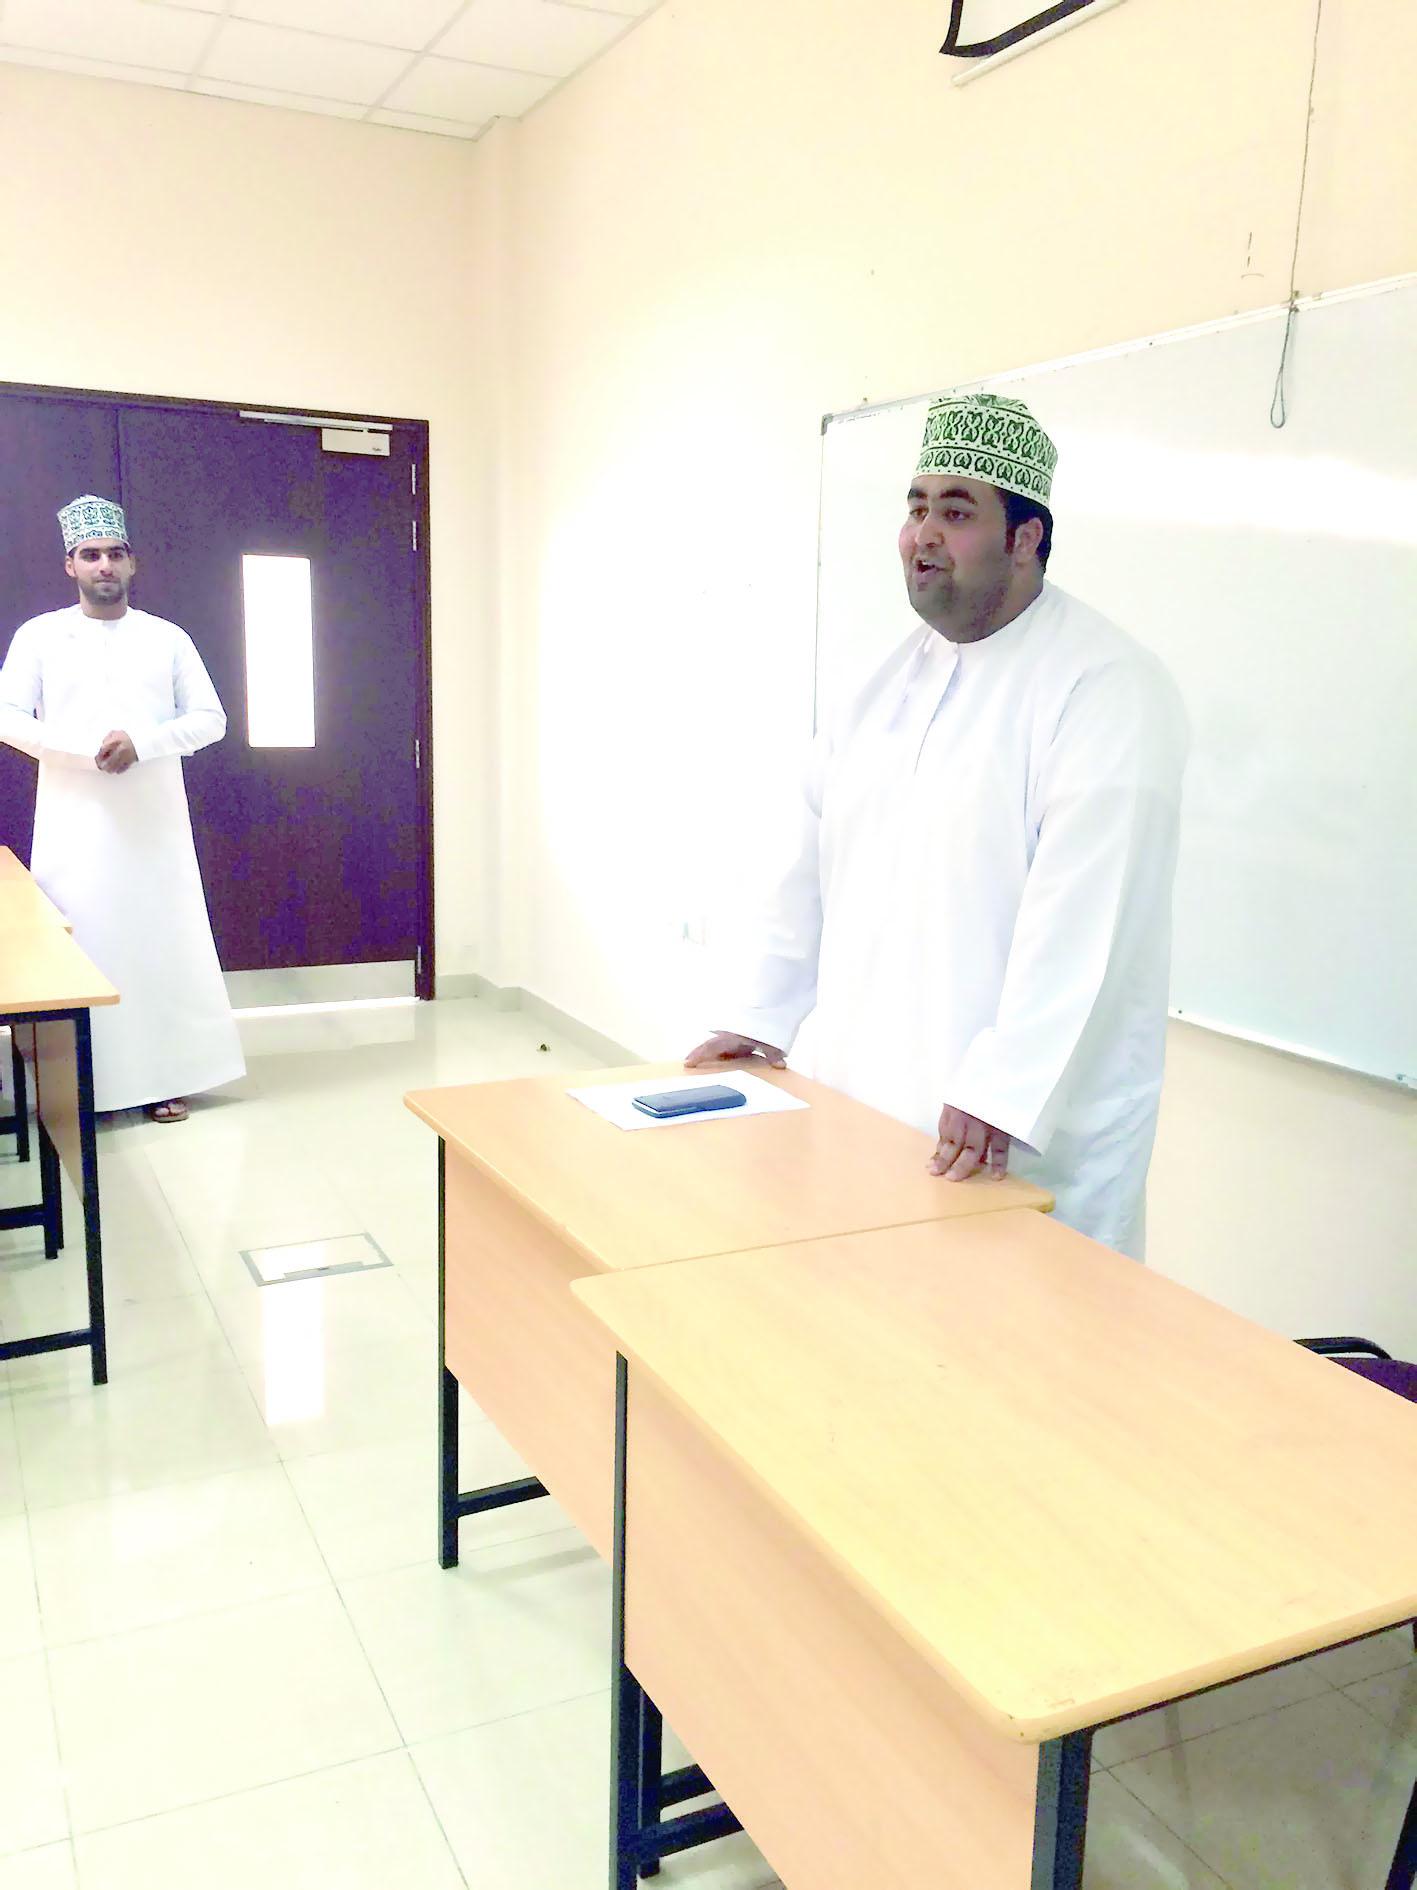 لقاء مفتوح مع المترشحين للاستشاري الطلابي بتطبيقية صحار